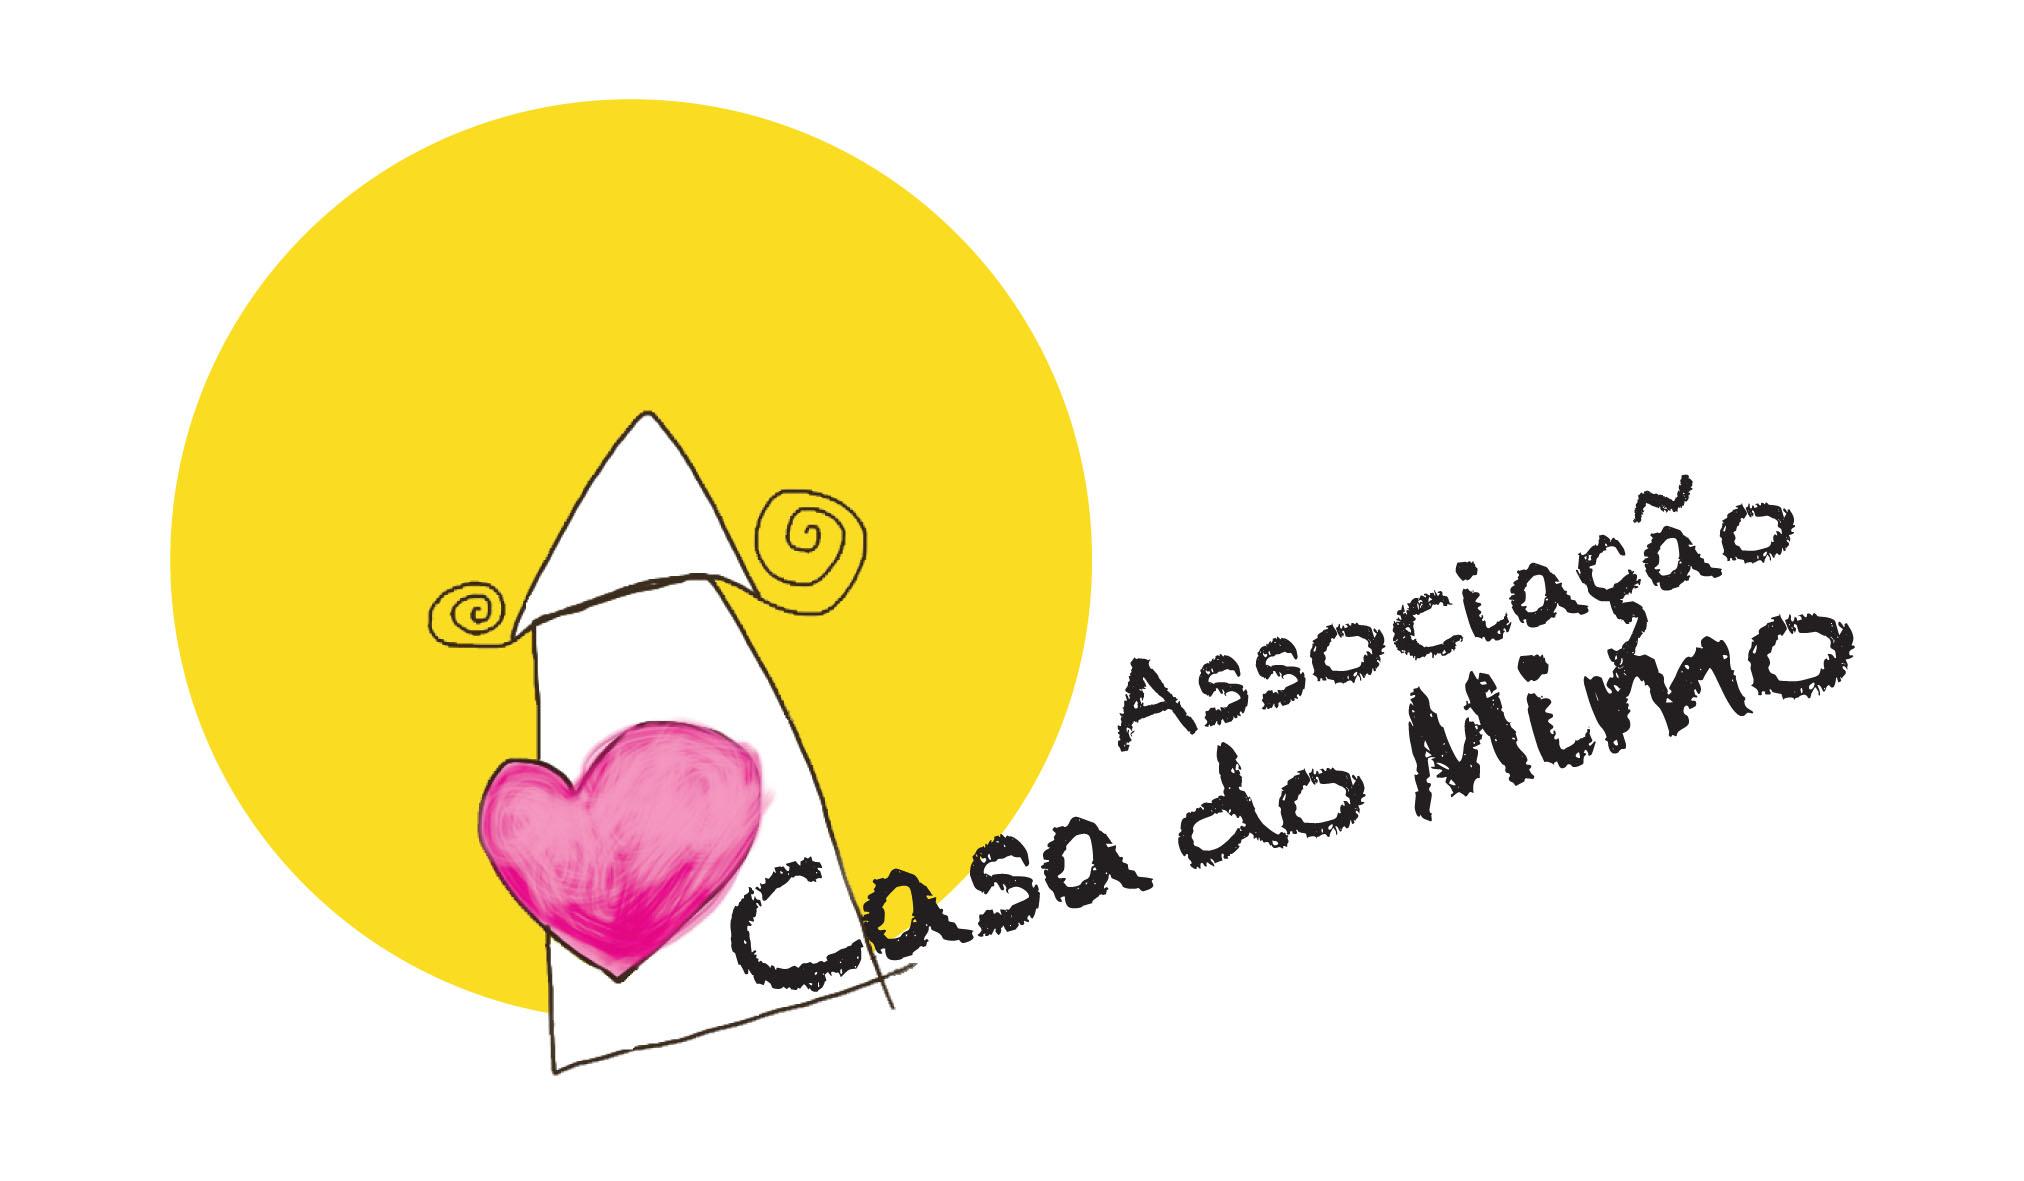 Associação Casa do Mimo